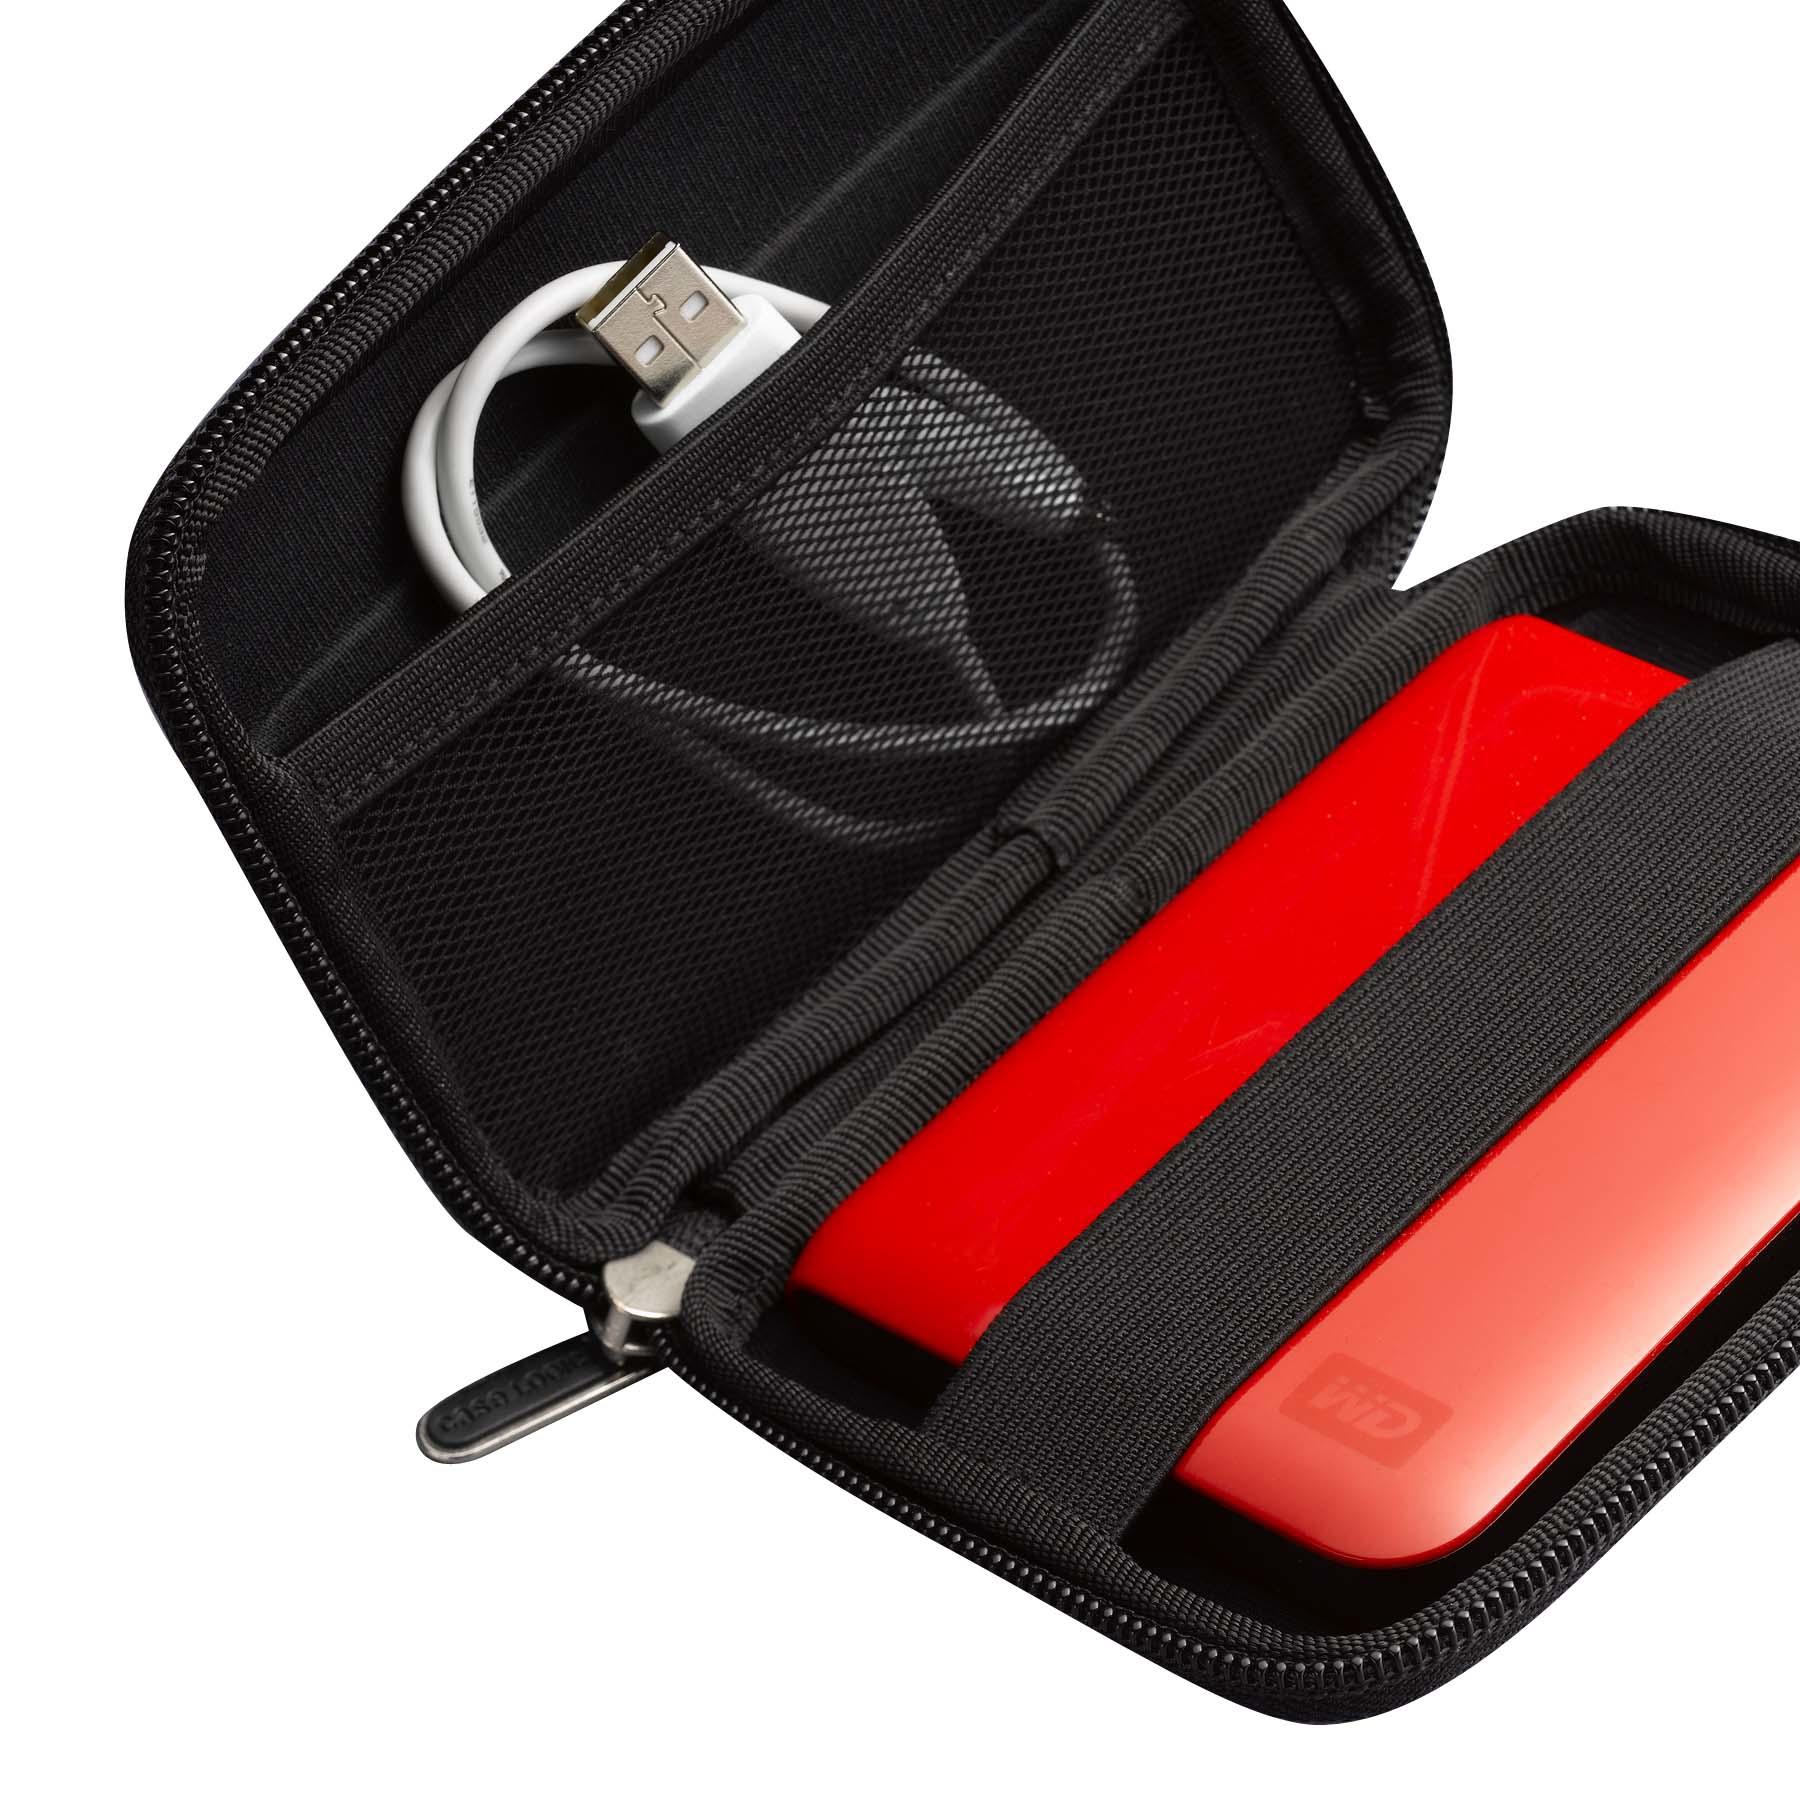 ... Case Logic Tas voor draagbare harde schijf CSL-QHDC101K a92aa5d087